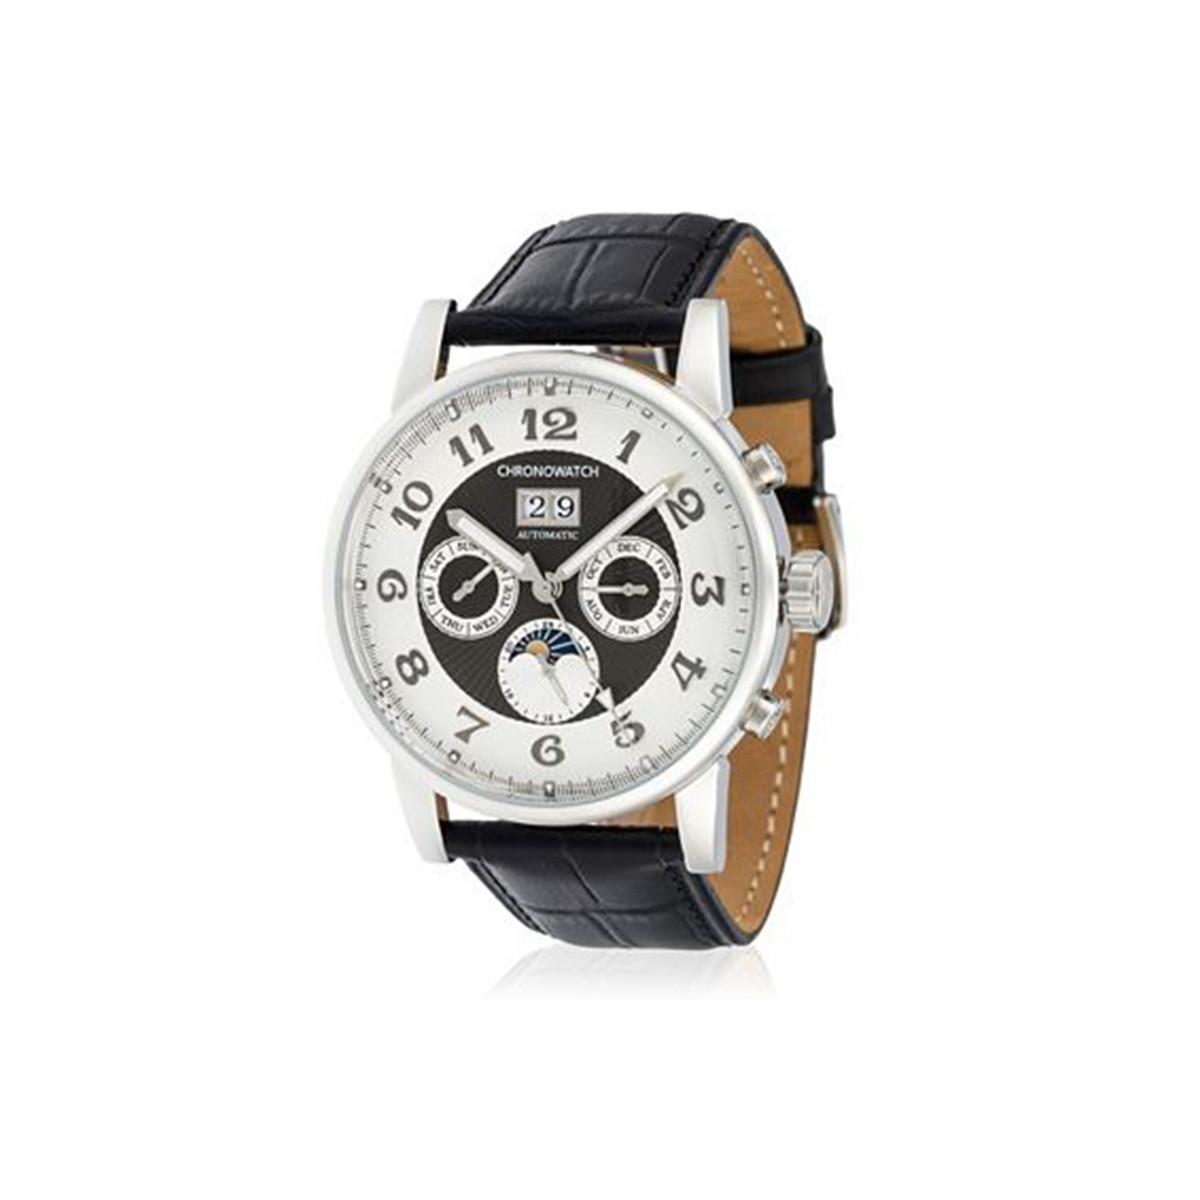 """Montre Chronowatch """"Prestige"""" Automatique Blanc Bracelet Cuir - HA5340C2BCj1"""